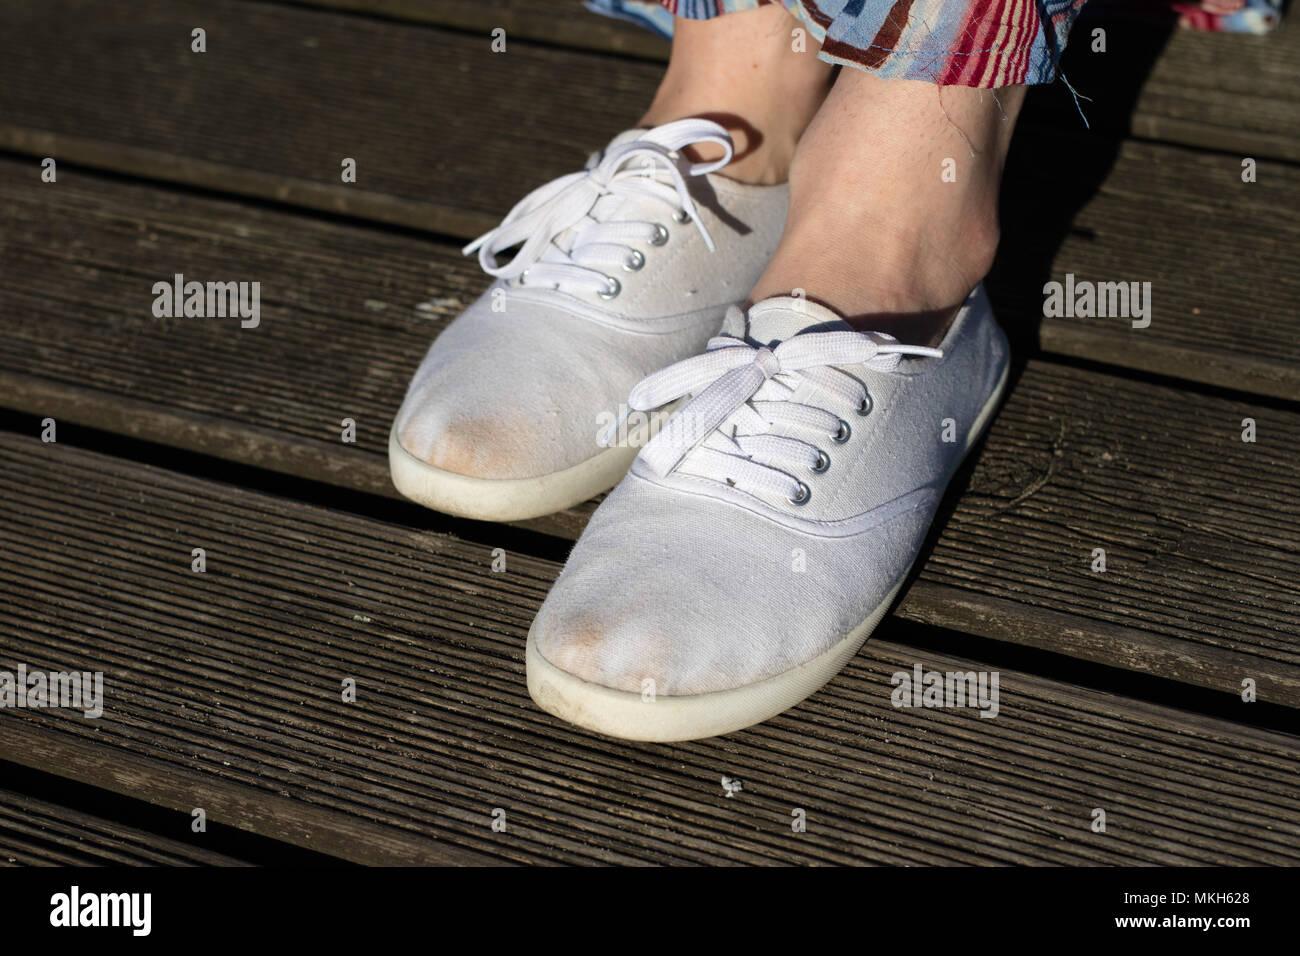 new product 13d32 d060a Calzado deportivo en la playa. Zapatos de mujer en un hermoso día de  primavera.